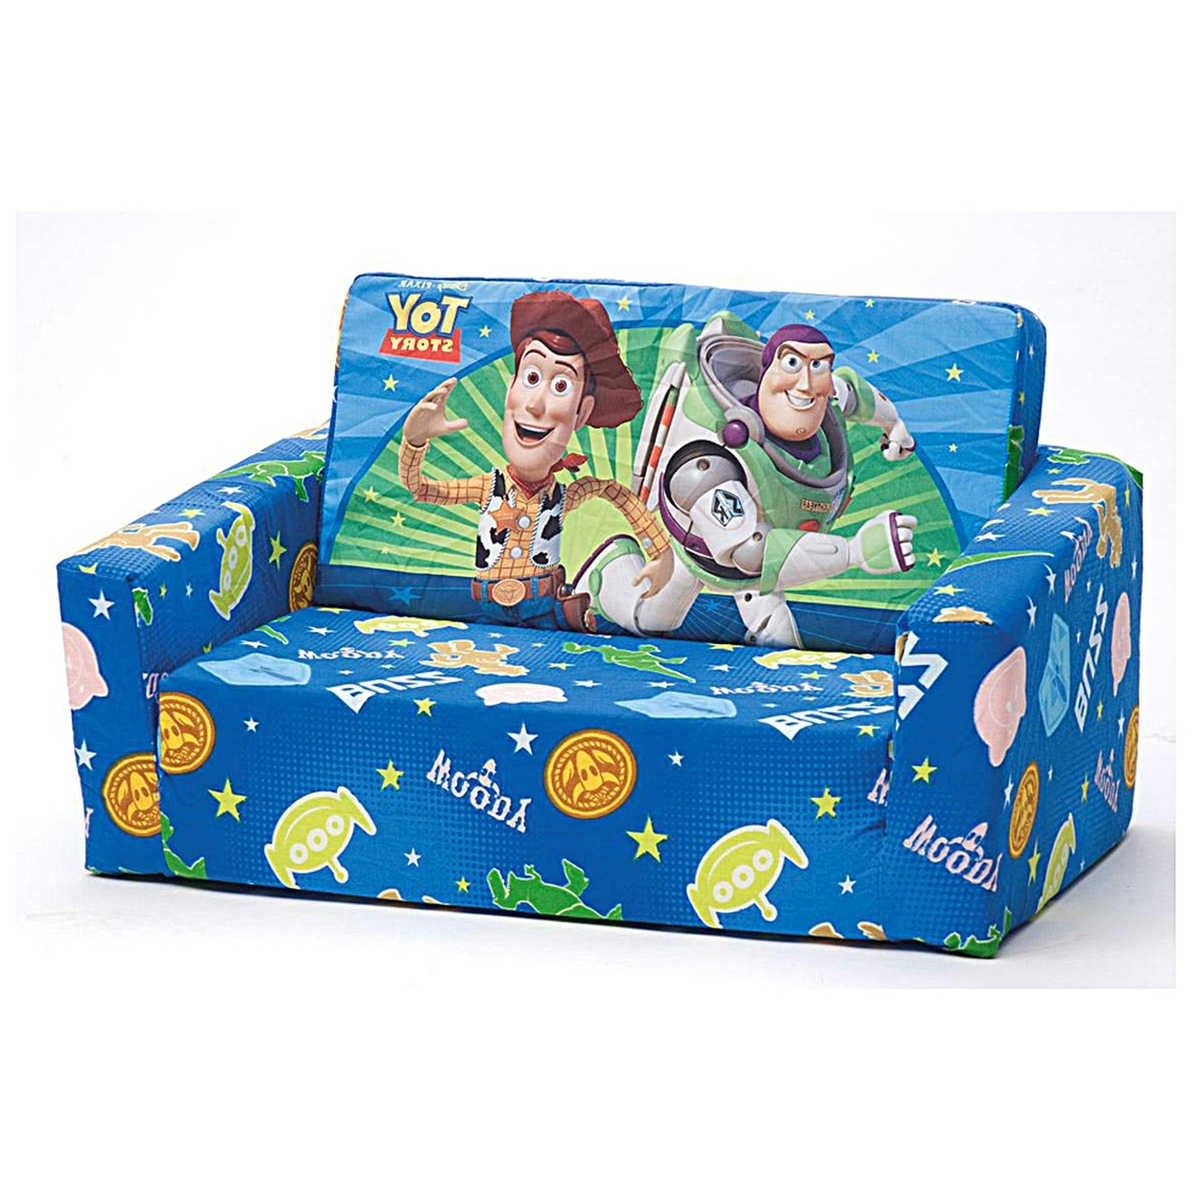 Flip Out Sofa For Kids Inside Trendy 28 Kids Foam Flip Out Sofa Bed, Foam Flip Out Sofa Fold Out Foam (View 6 of 20)